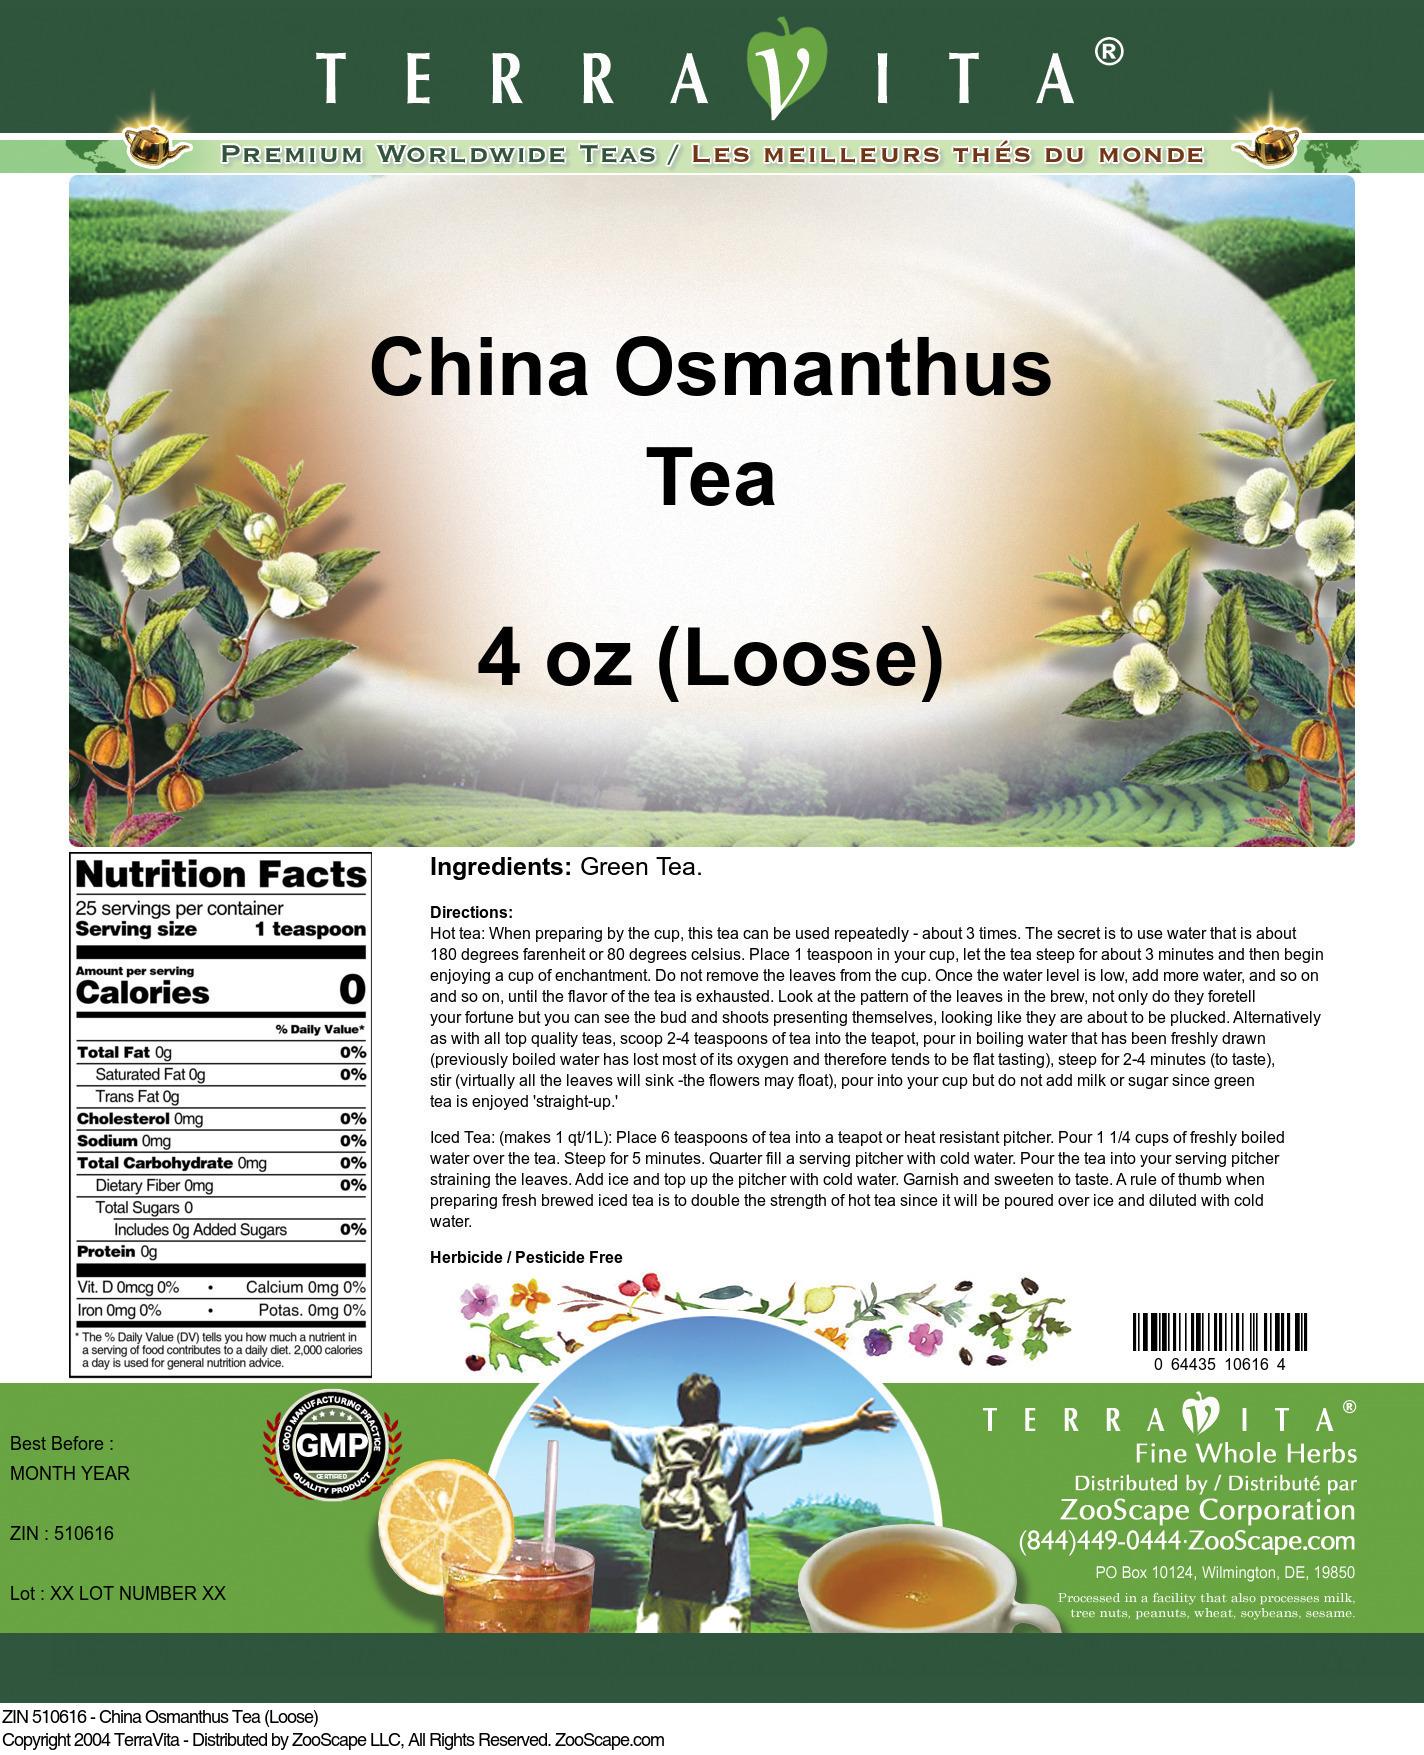 China Osmanthus